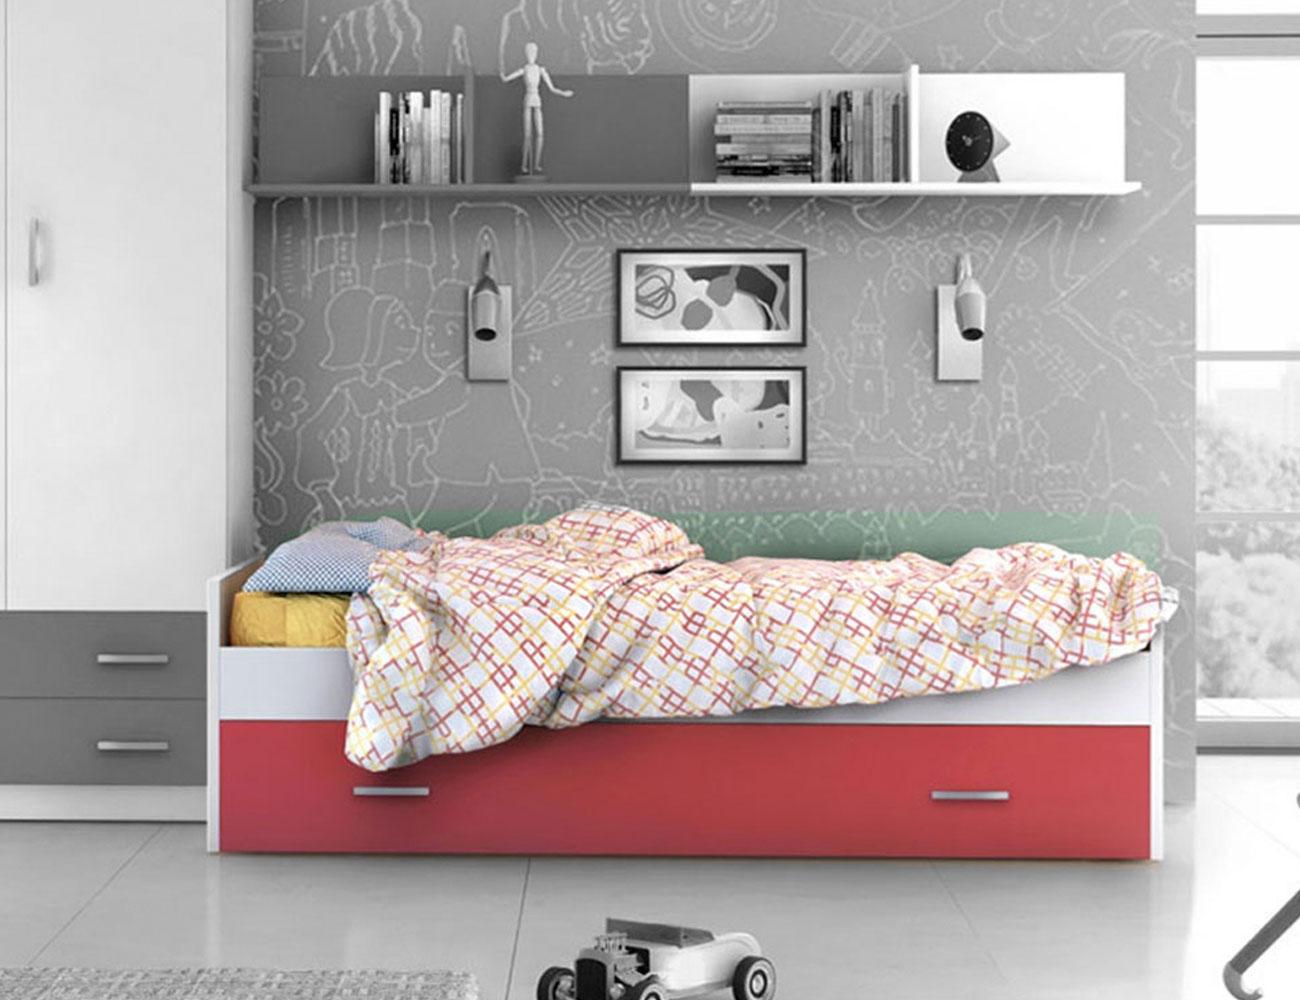 04 cama nido arrastre2